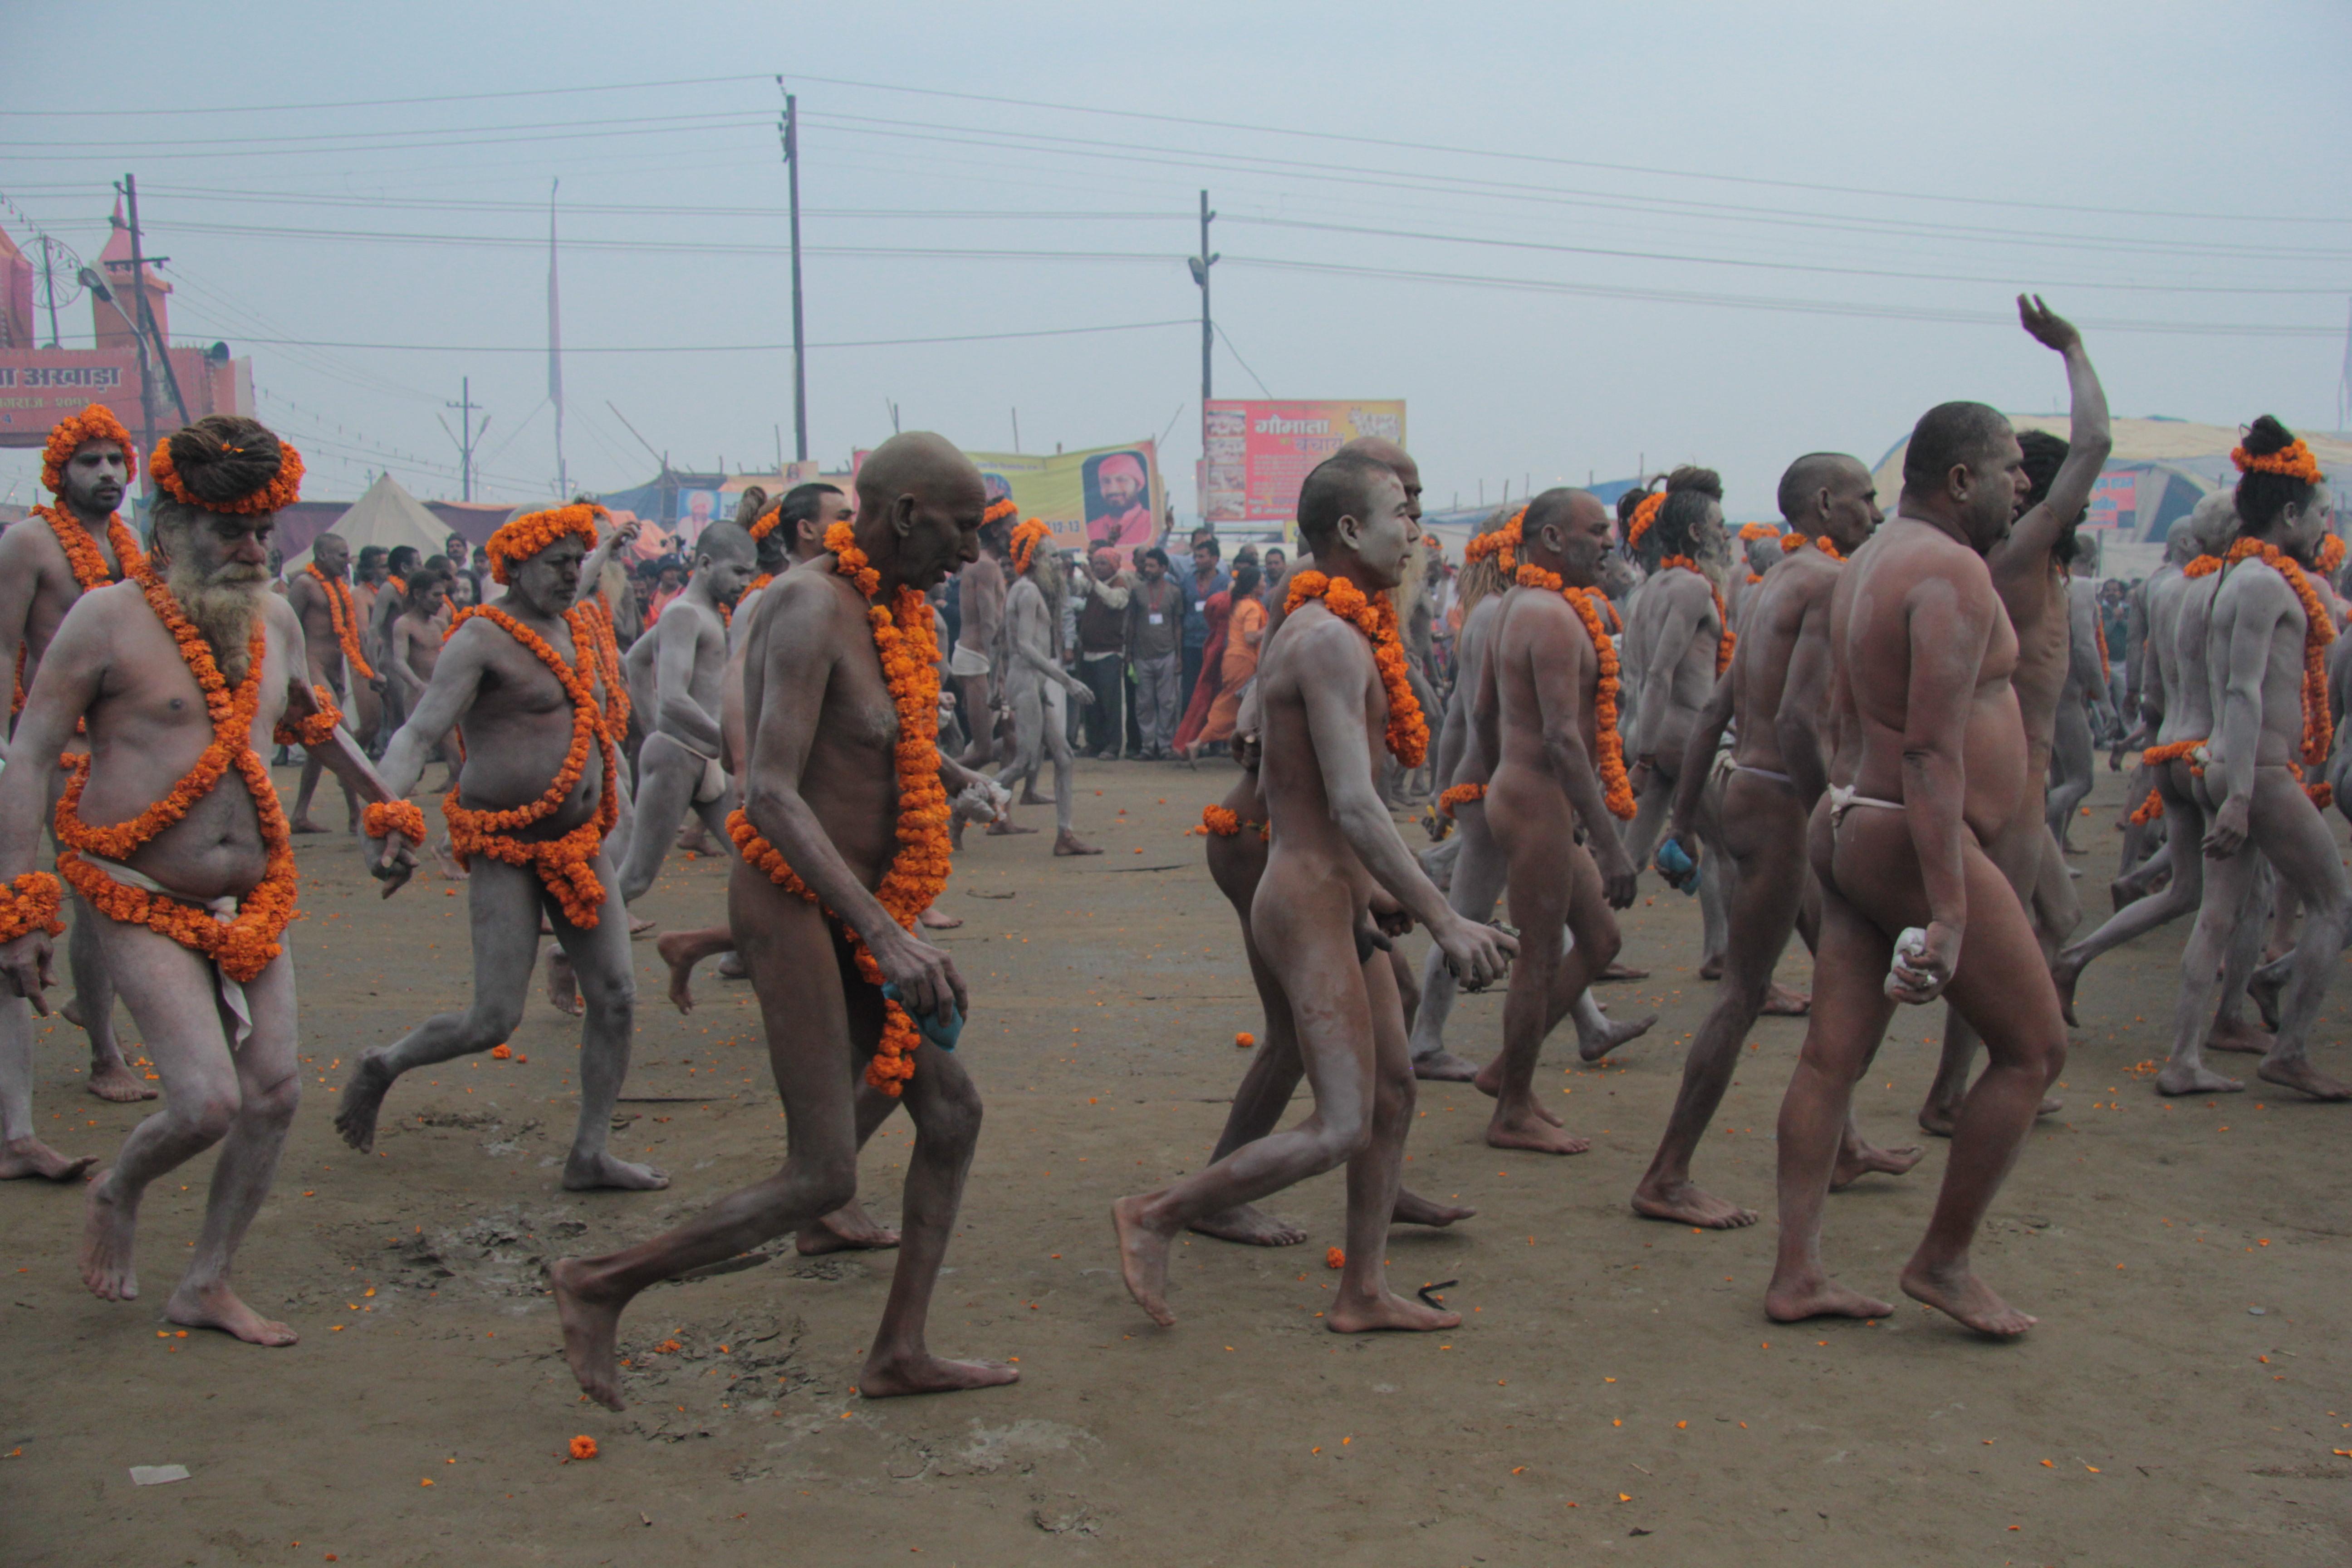 Il grande bagno rituale nel cuore del kumbh mela - Bagno nel gange malattie ...